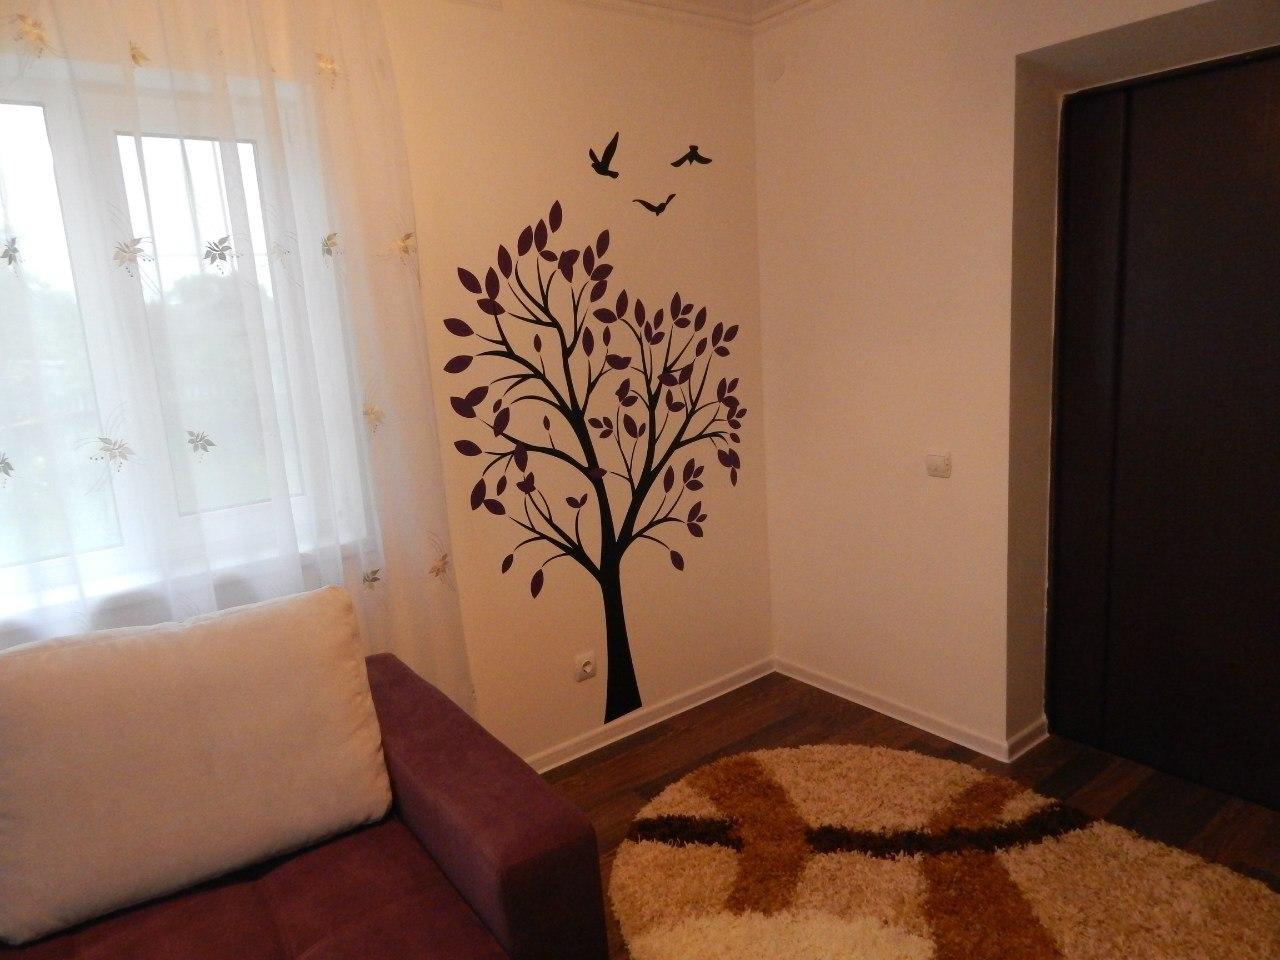 фото наклейка дерево с птицами отзыв клиентов